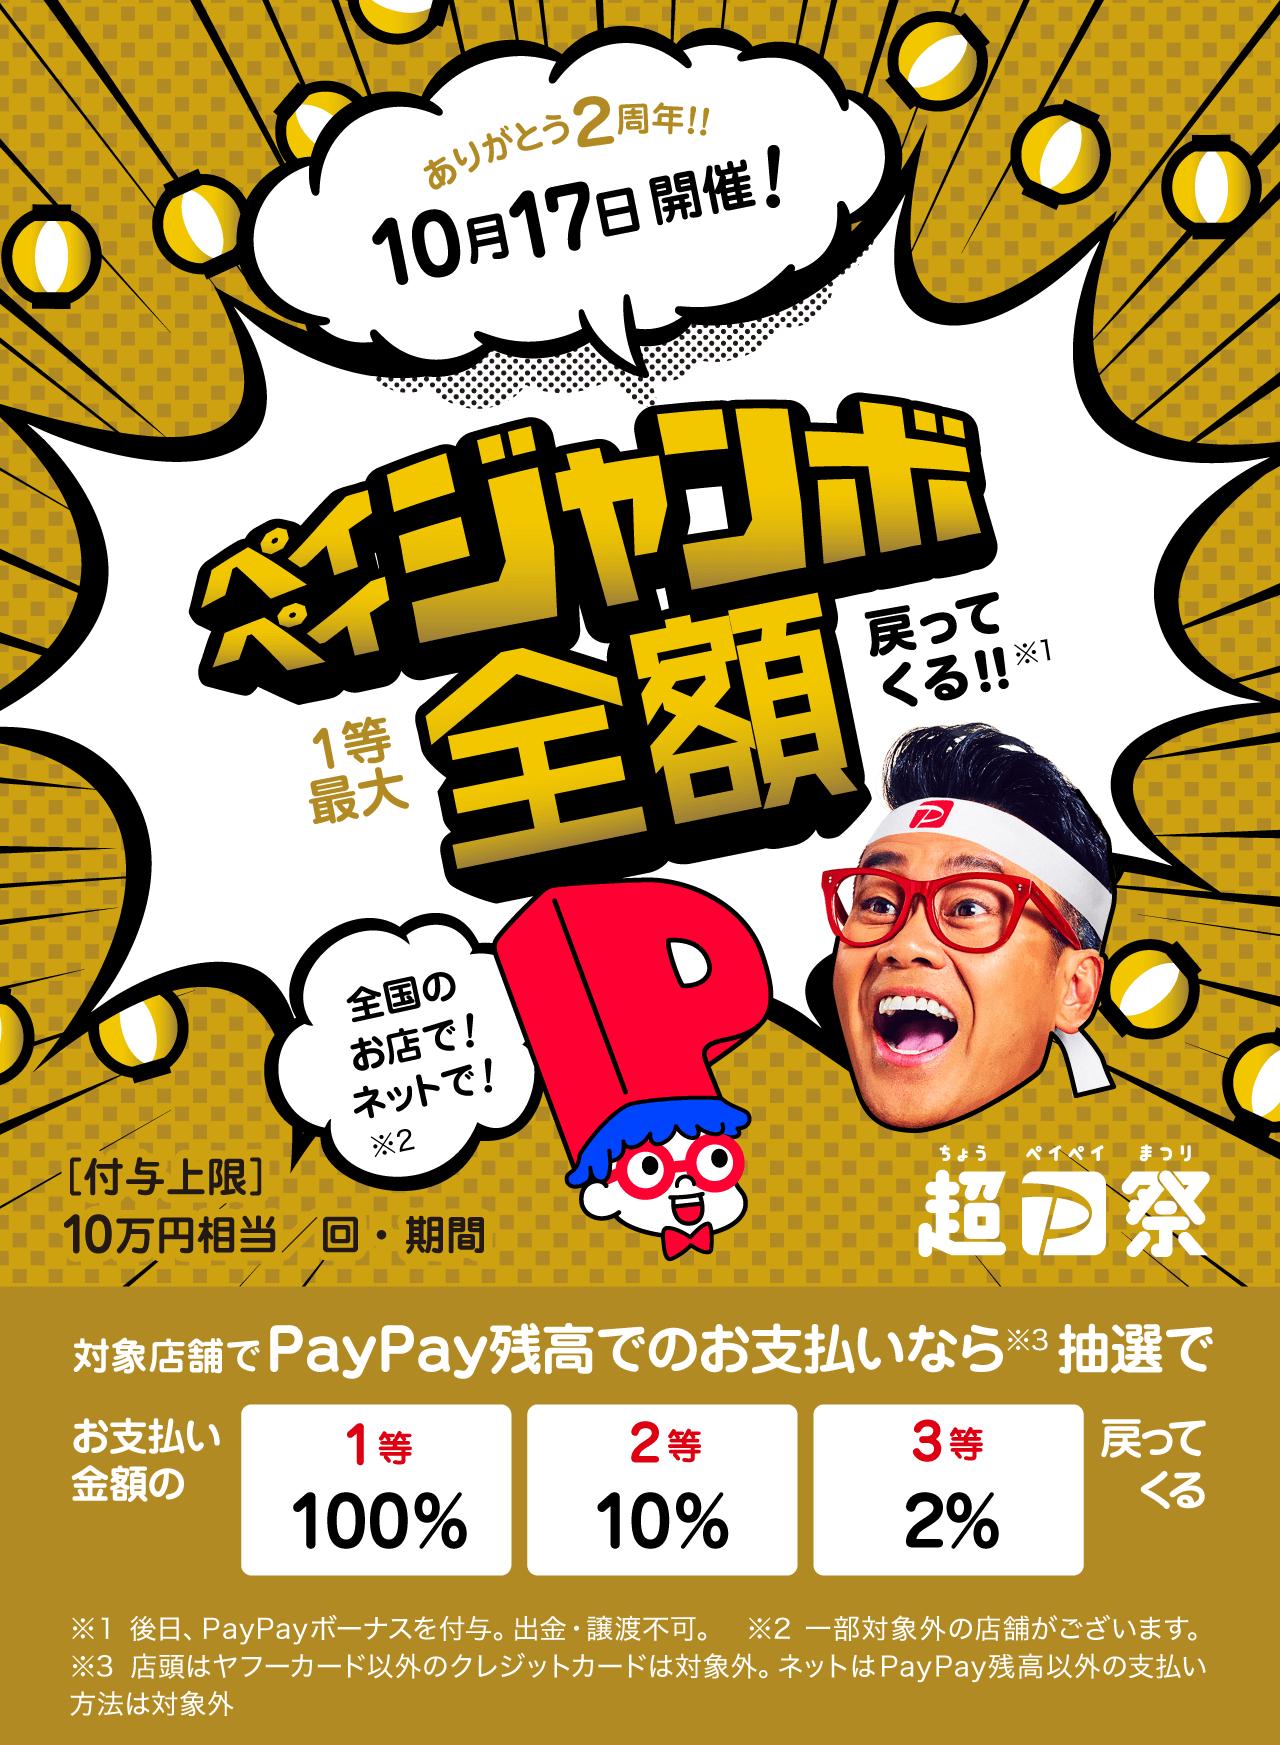 ペイペイジャンボ 1等最大全額戻ってくる!!